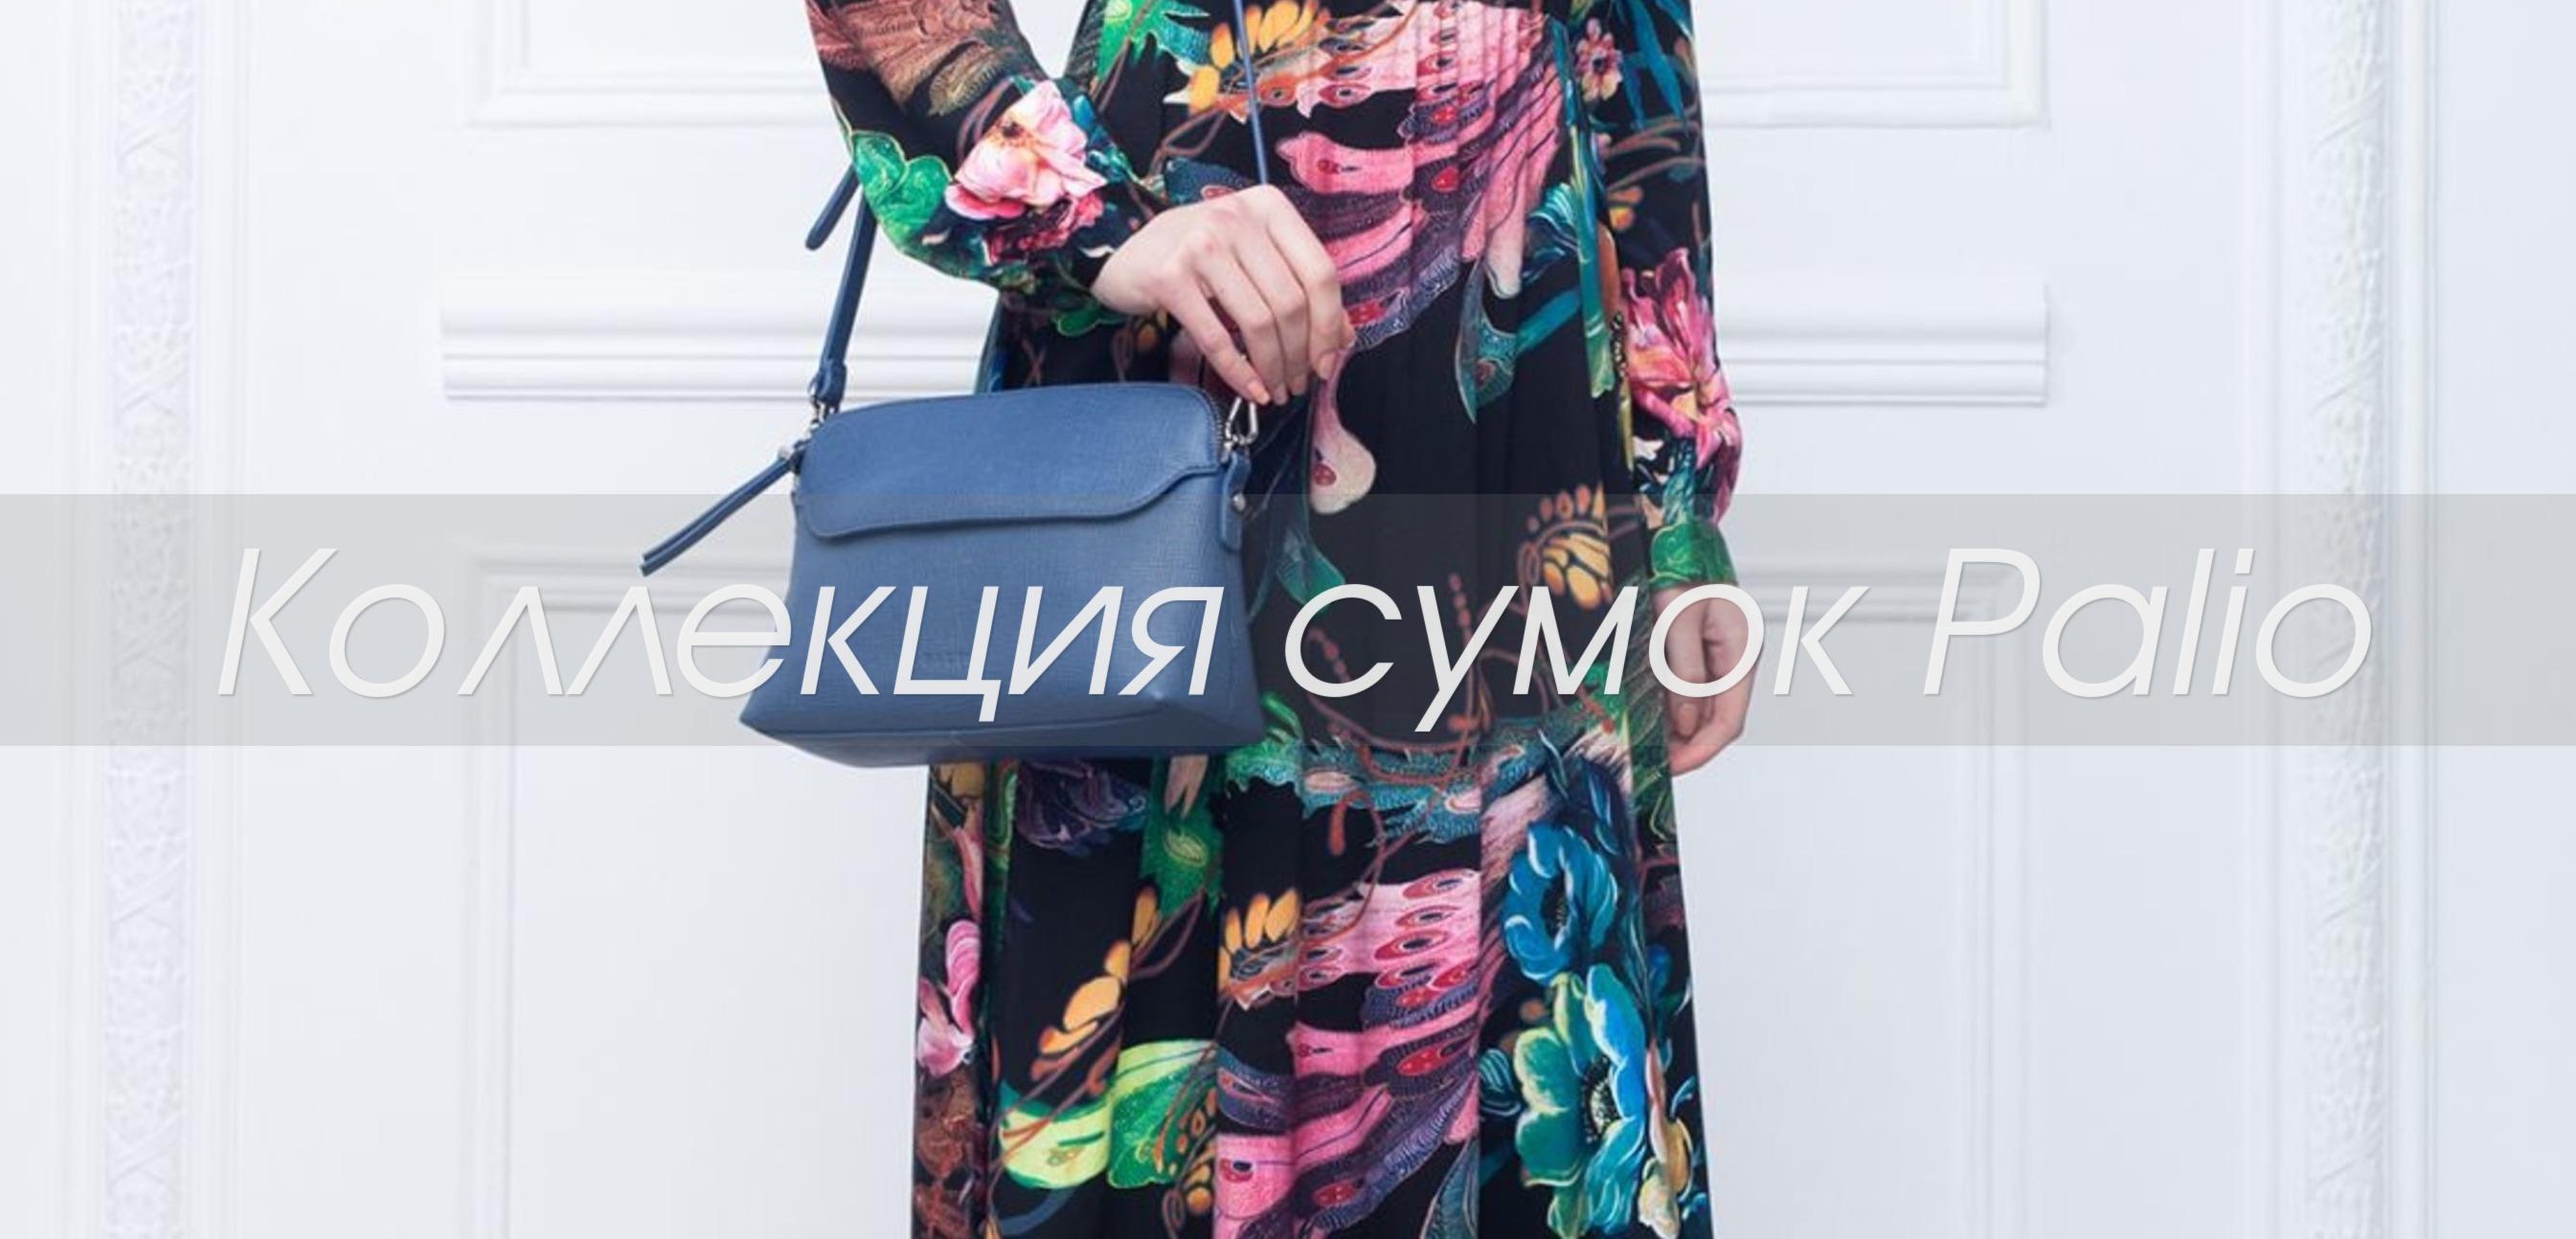 Коллекция сумок Palio